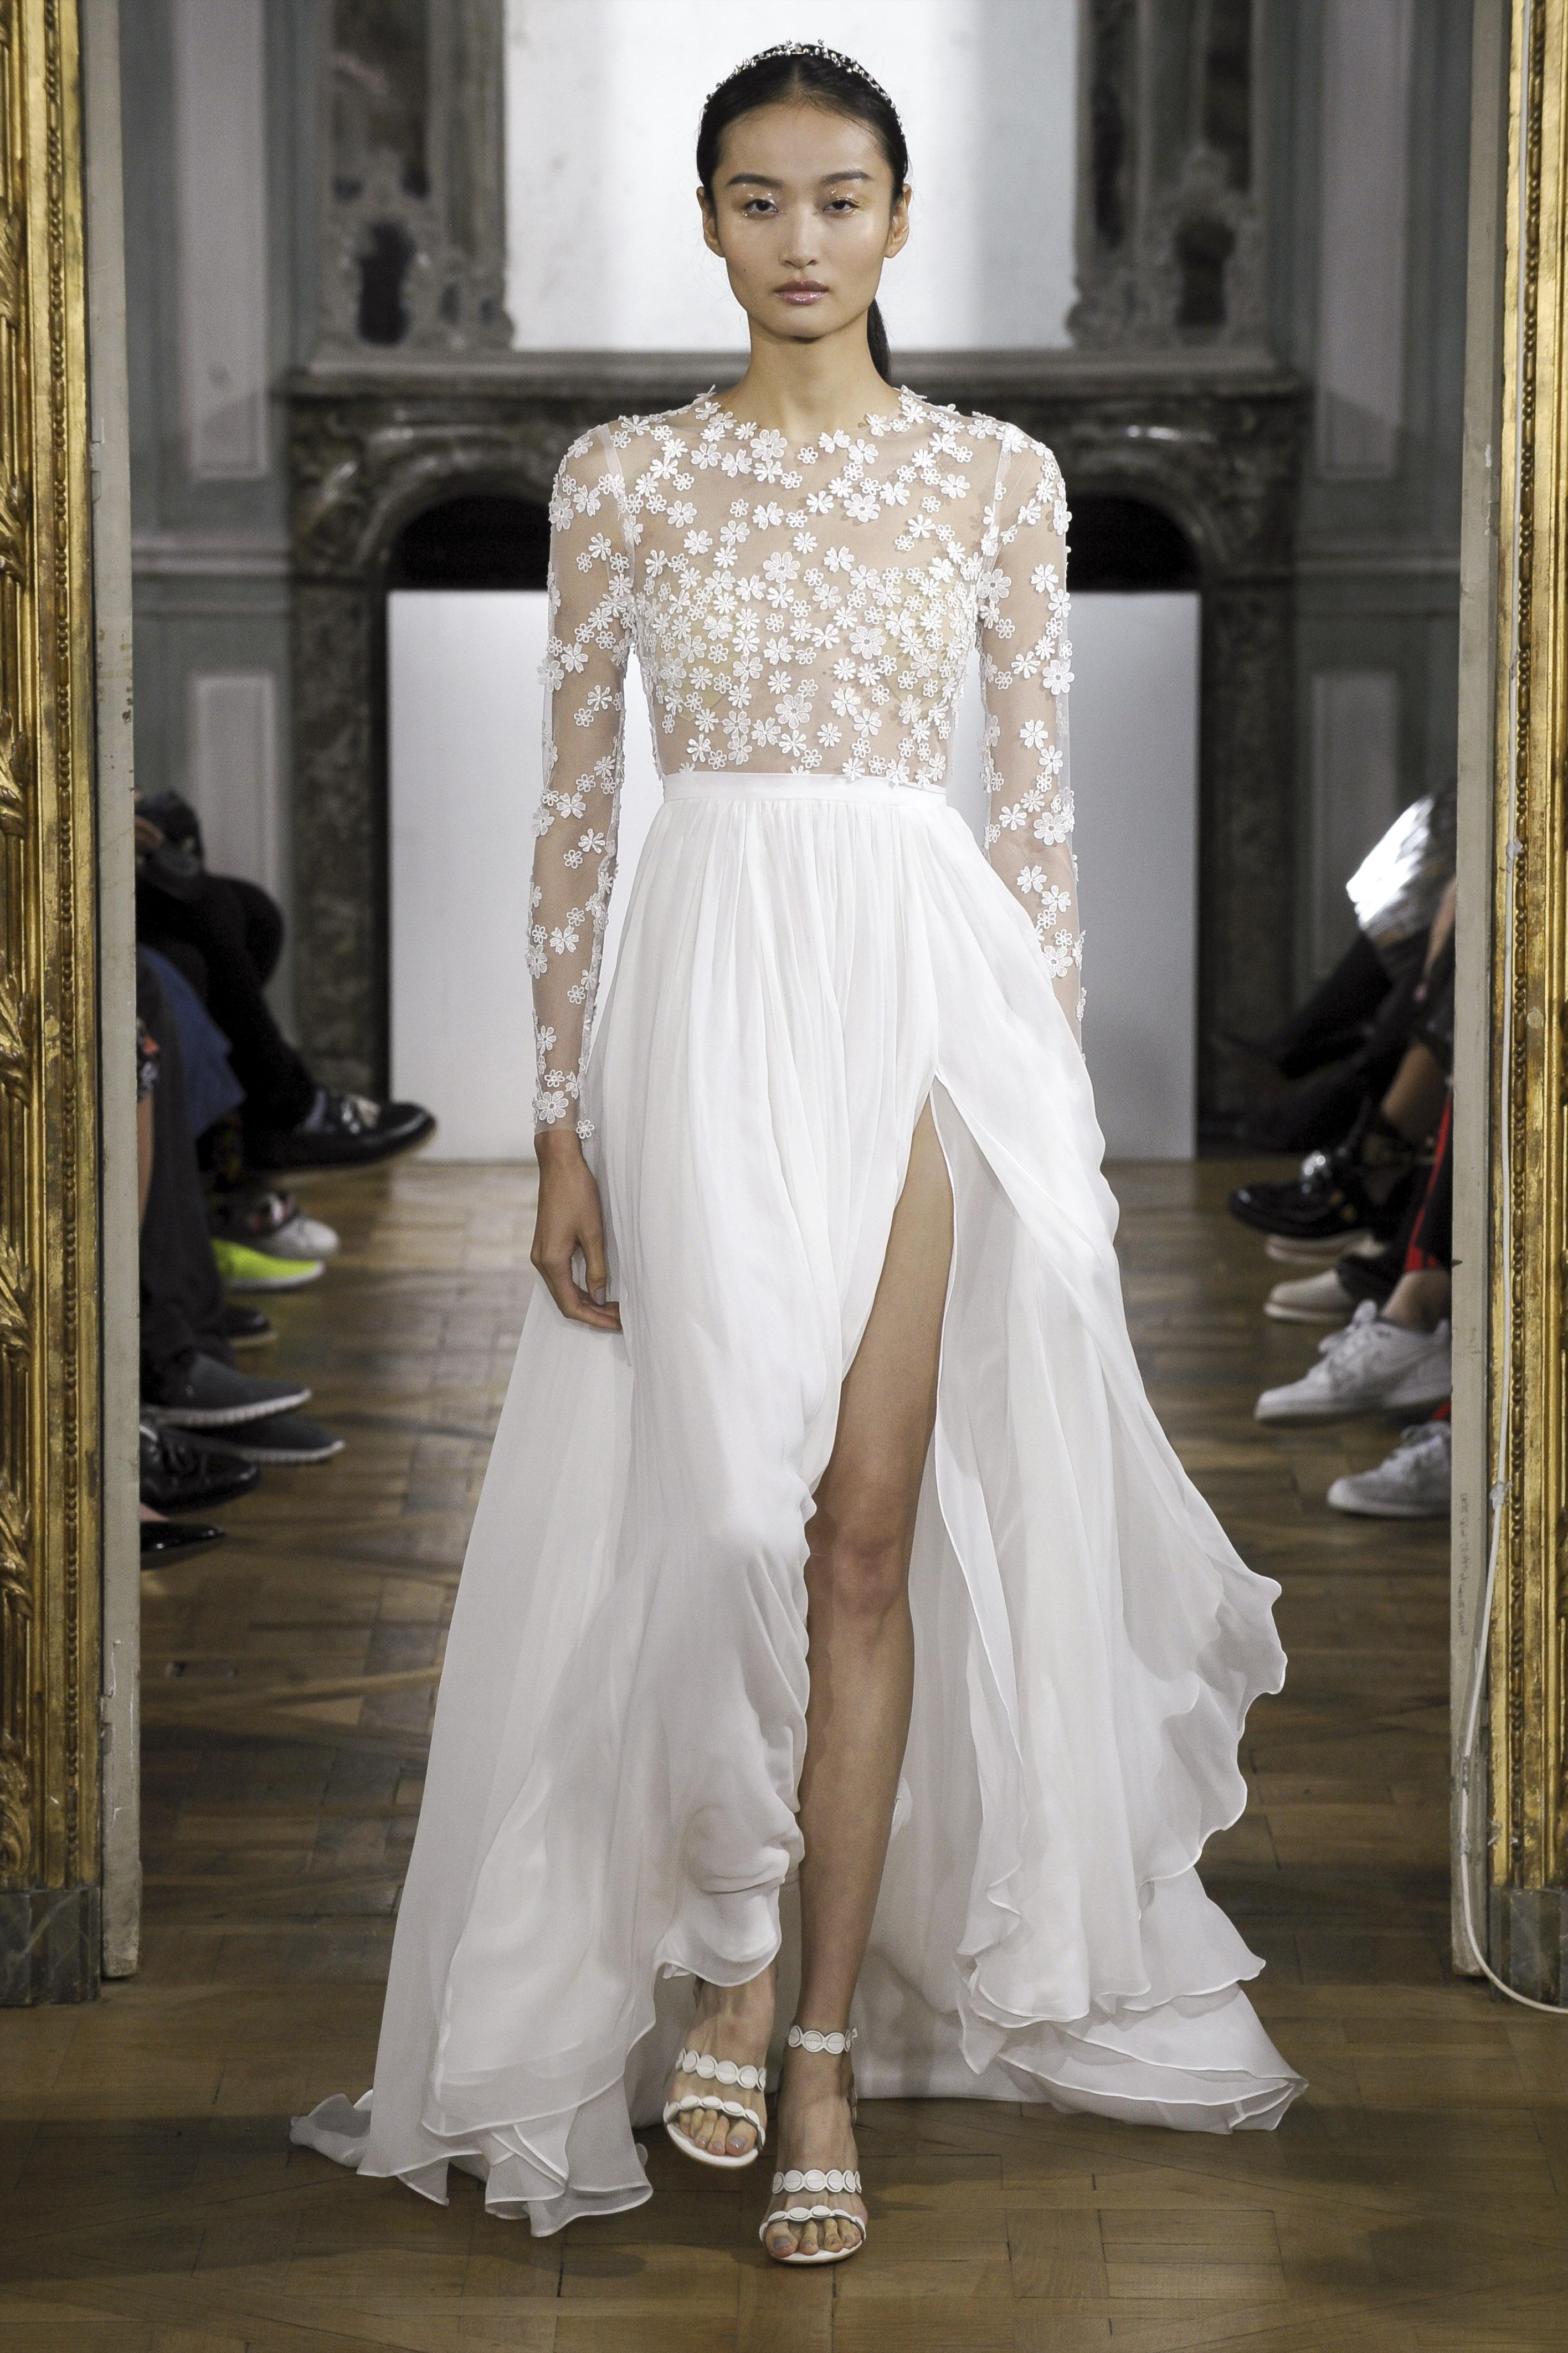 Kaviar Gauche Brautkleider 14: So schön ist die neue Kollektion